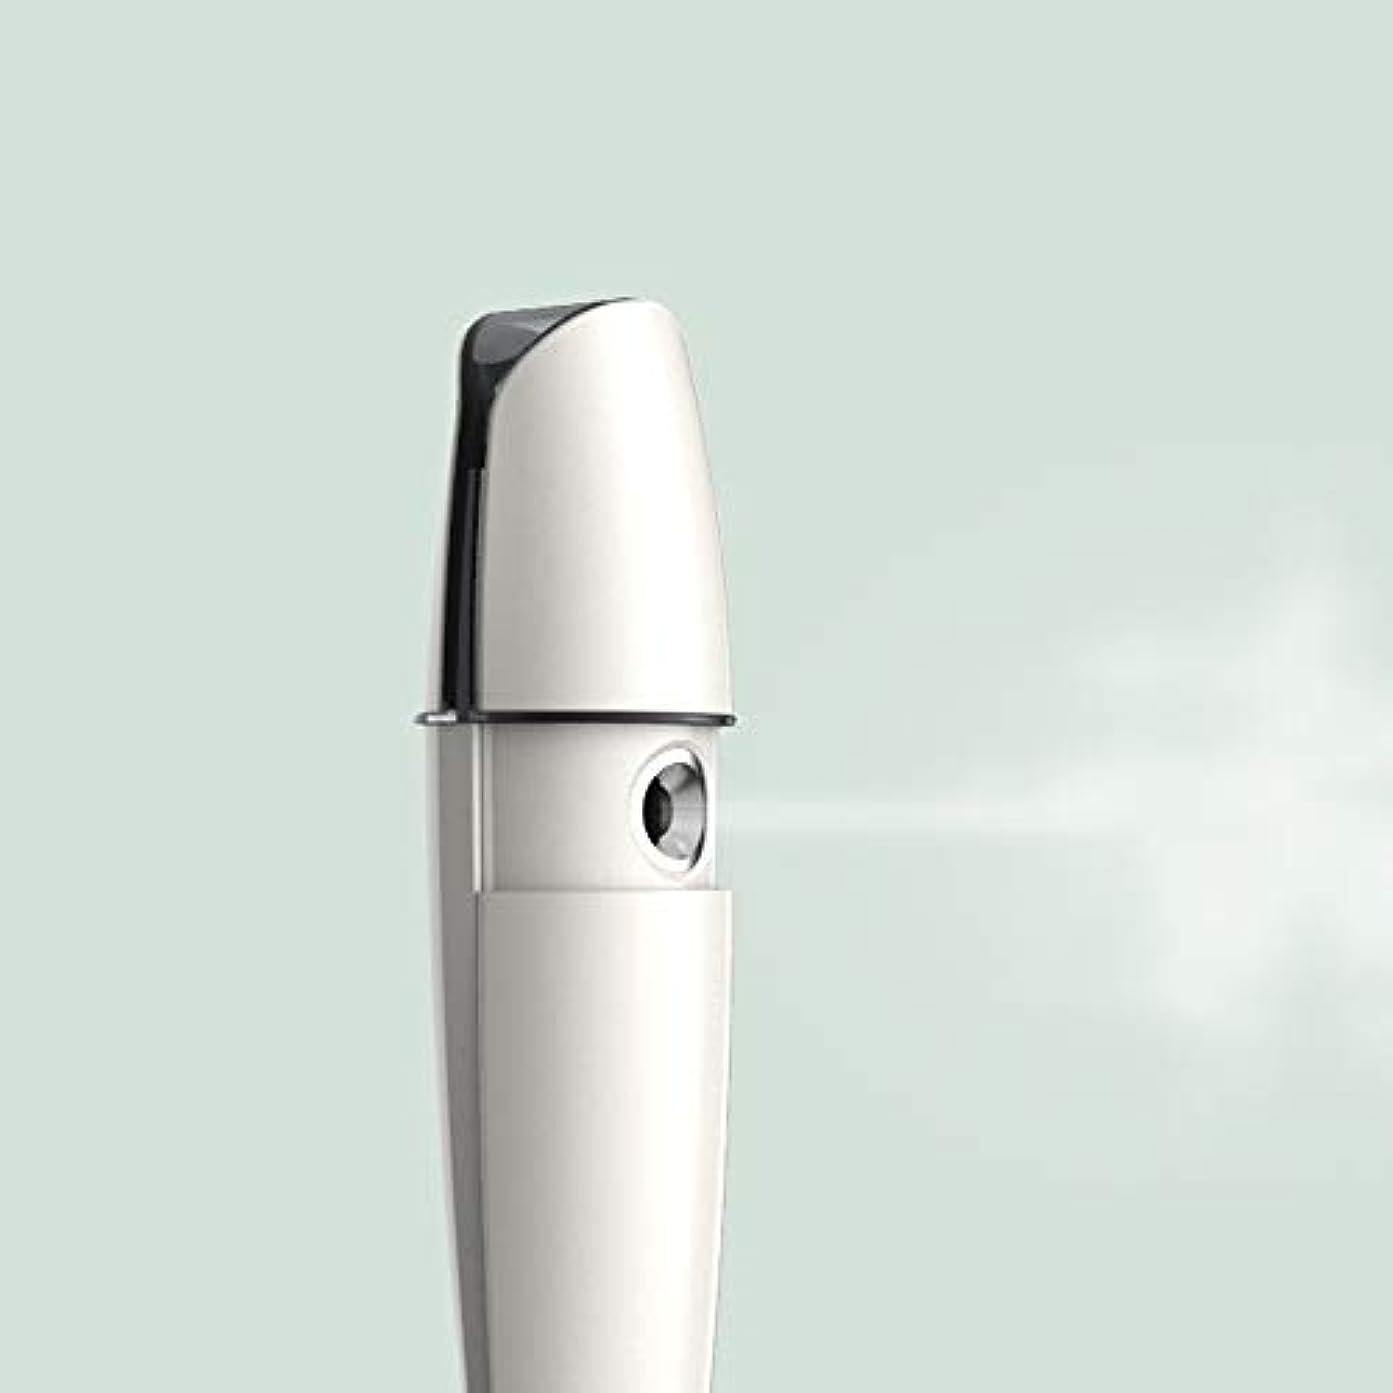 申込み松王族ZXF 充電式コールドスプレー機家庭用スチームフェイス美容機器ナノスプレーフェイス加湿水道メーターホワイトABS素材 滑らかである